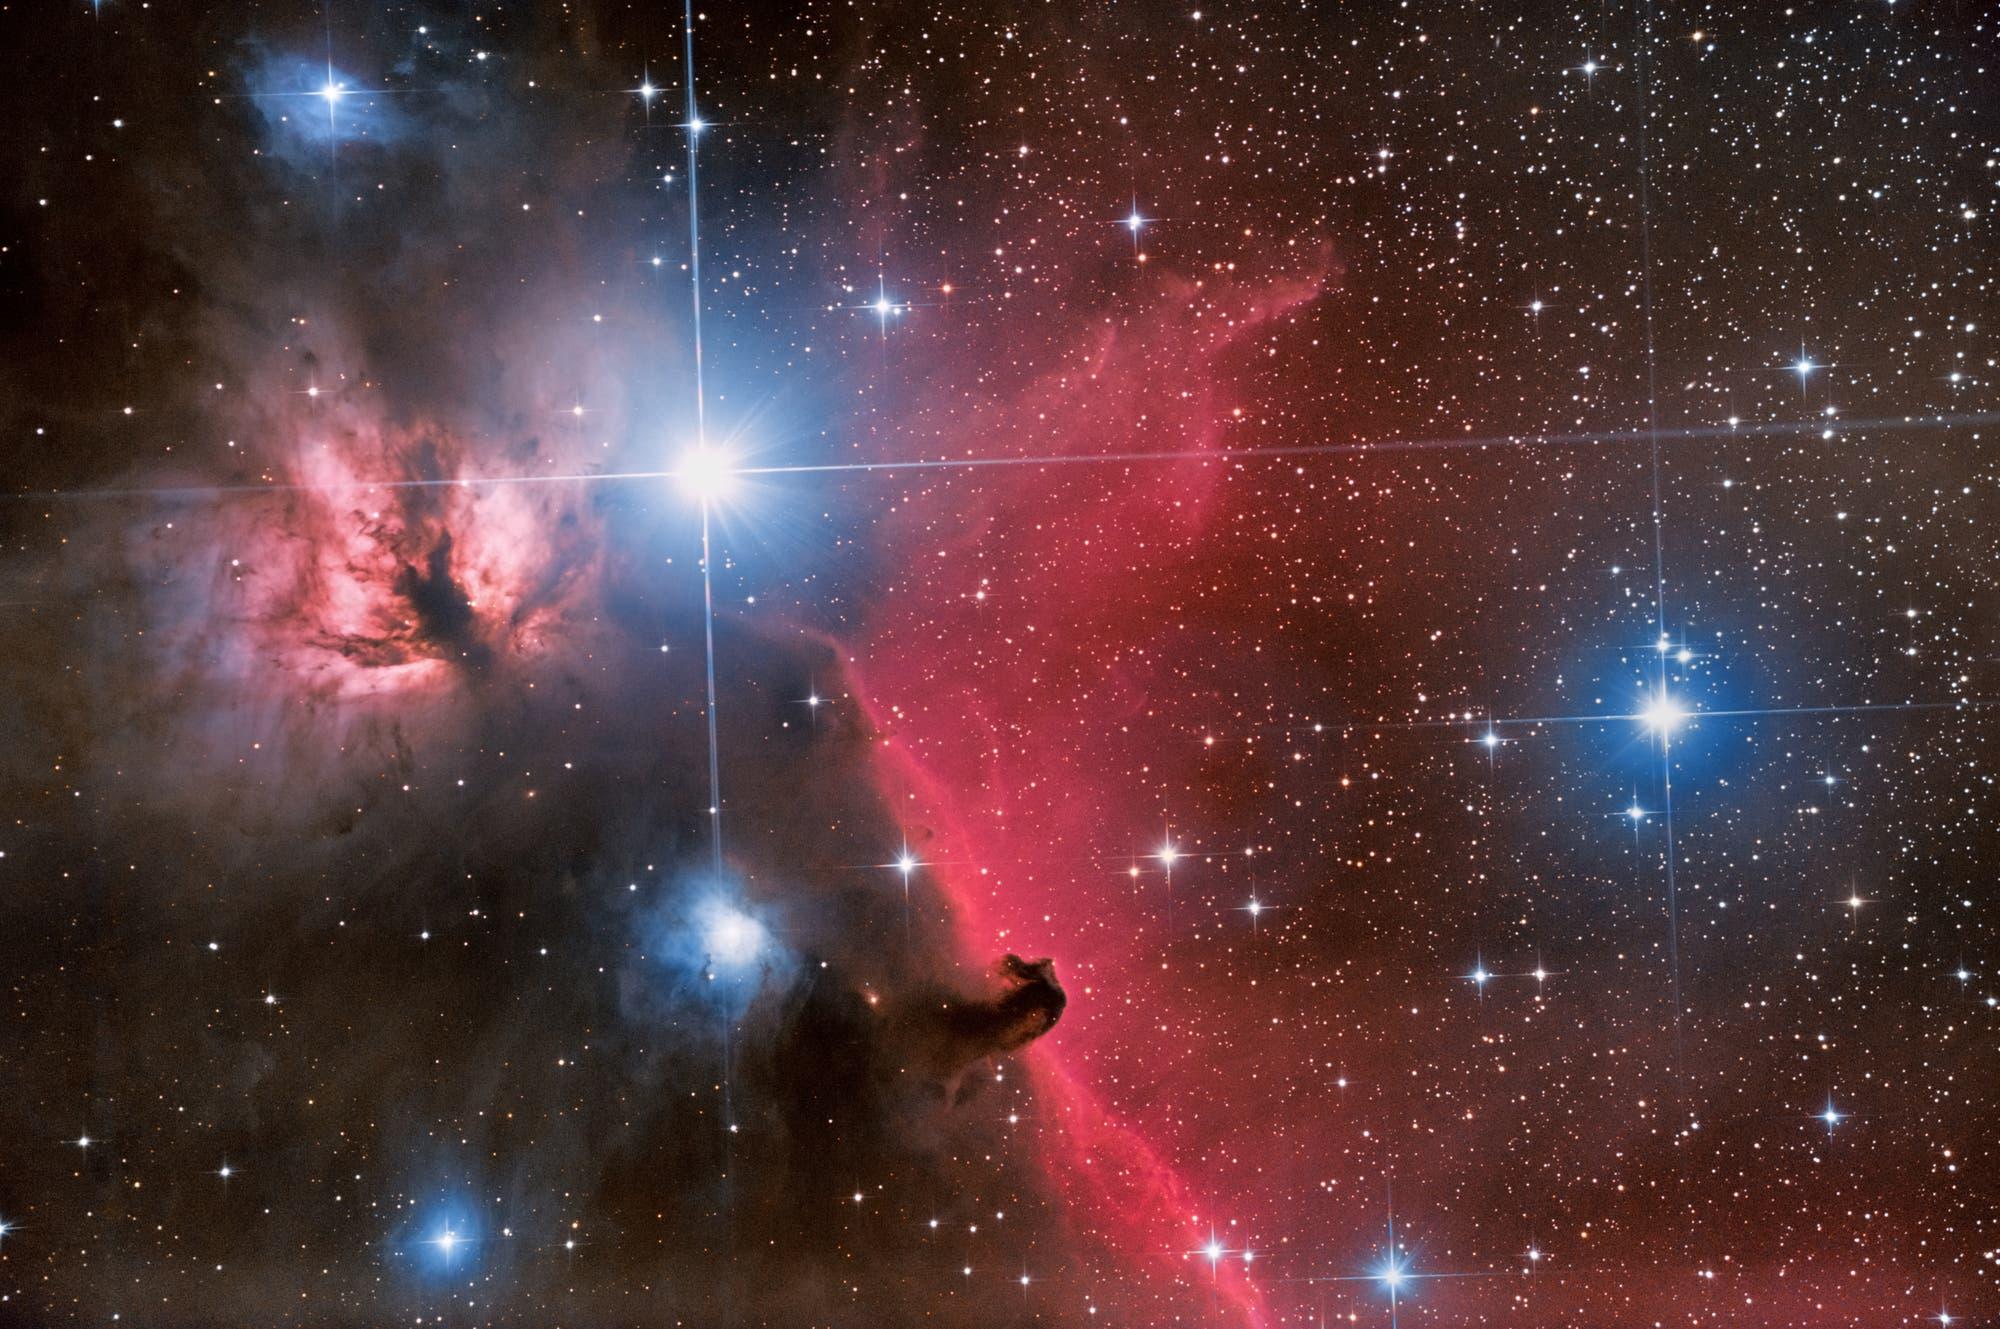 Der Pferdekopfnebel im Sternbild Orion